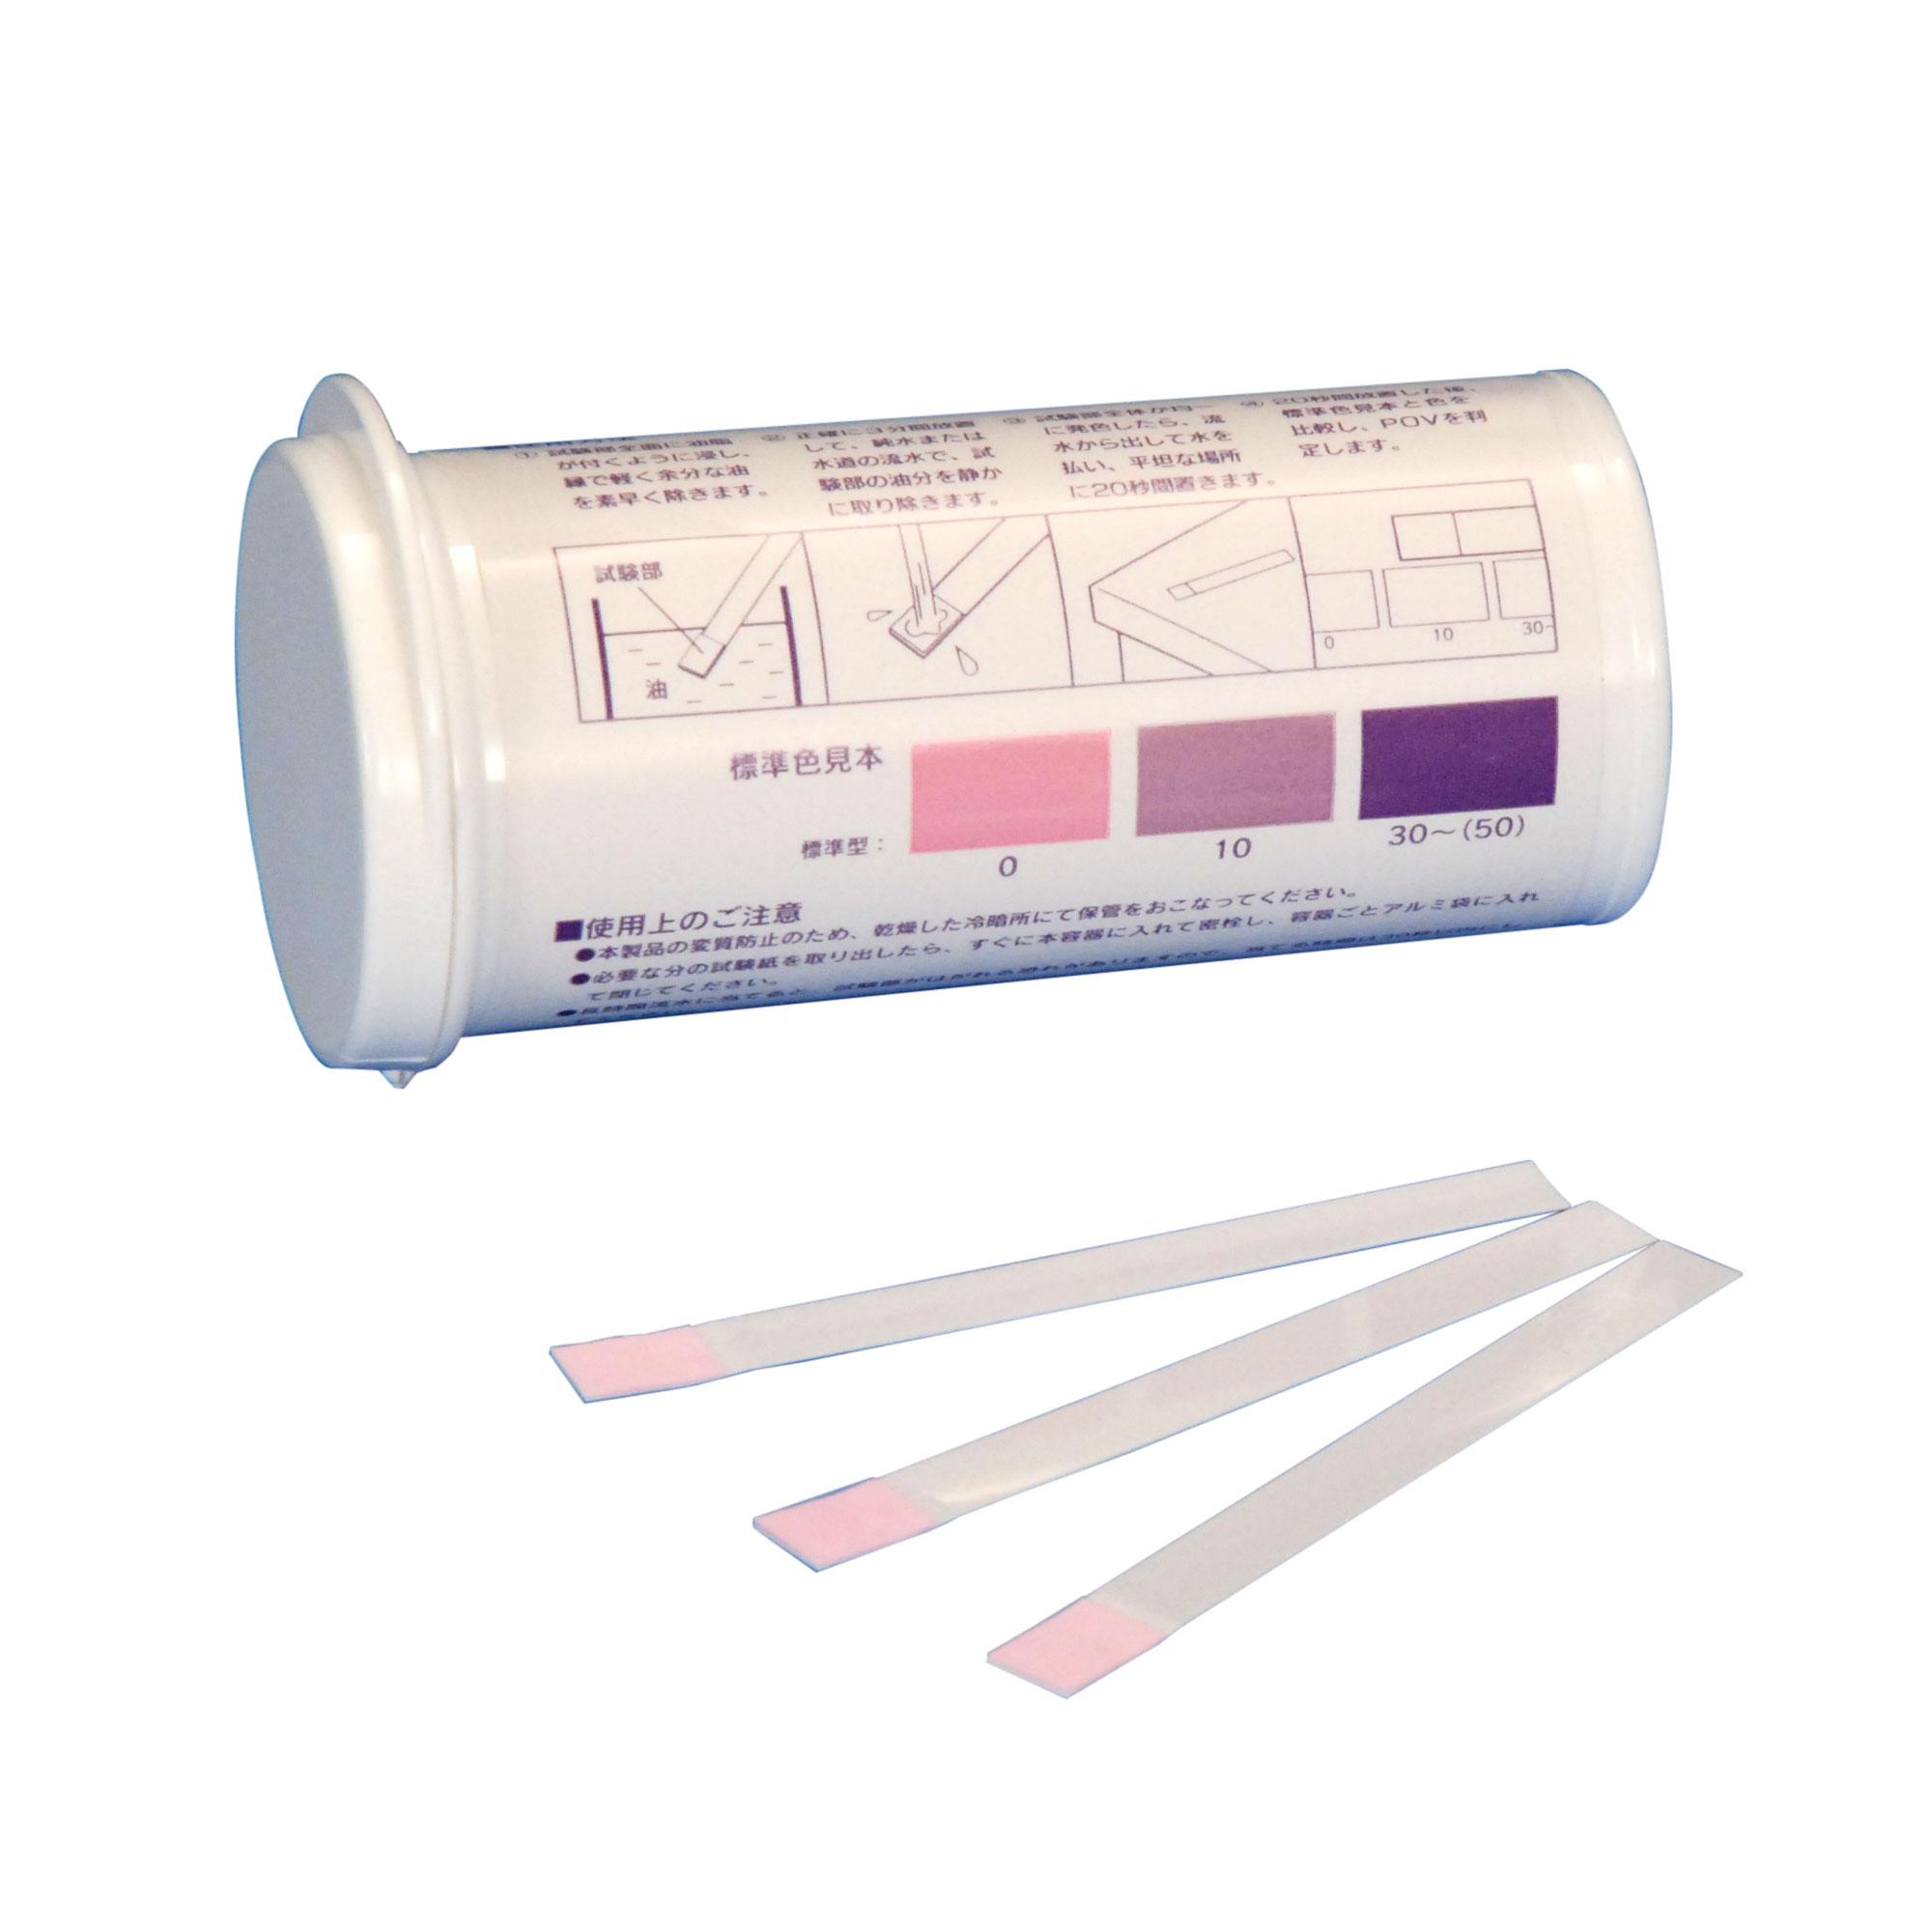 POV試験紙(過酸化物価試験紙) 50枚入